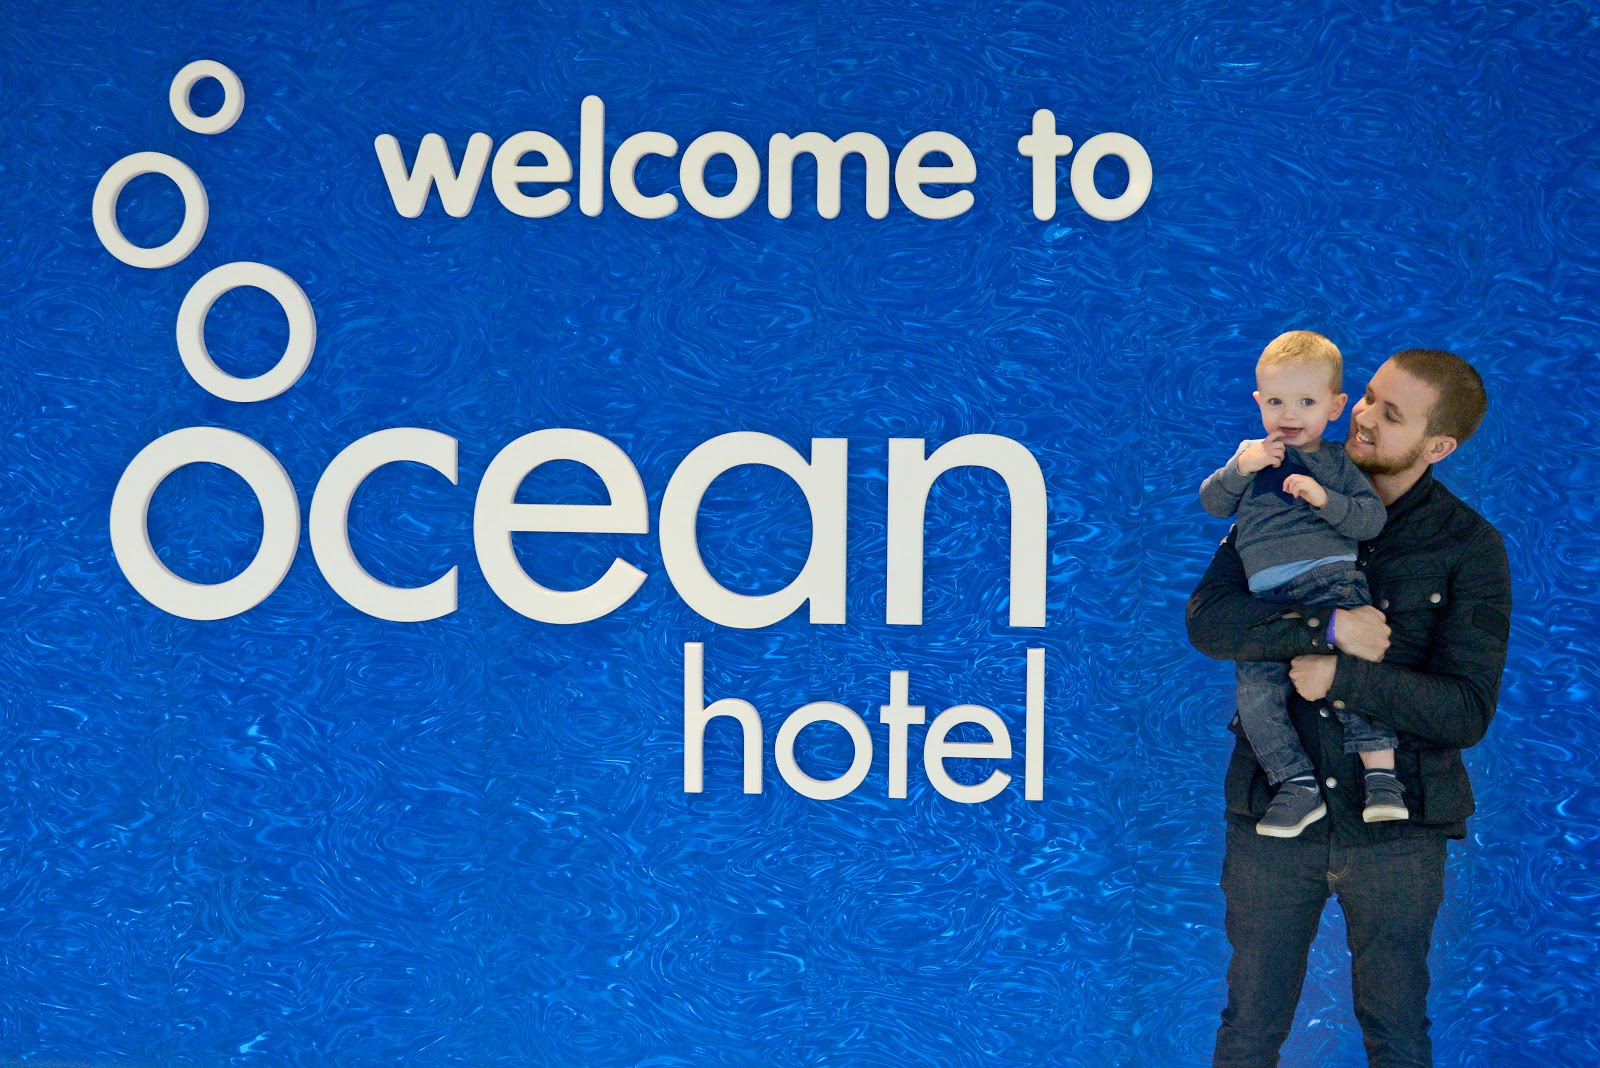 Butlins bognor regis just for tots review, butlins, butlins bognor regis, just for tots, uk holiday for kids under 5, ocean hotel butlins